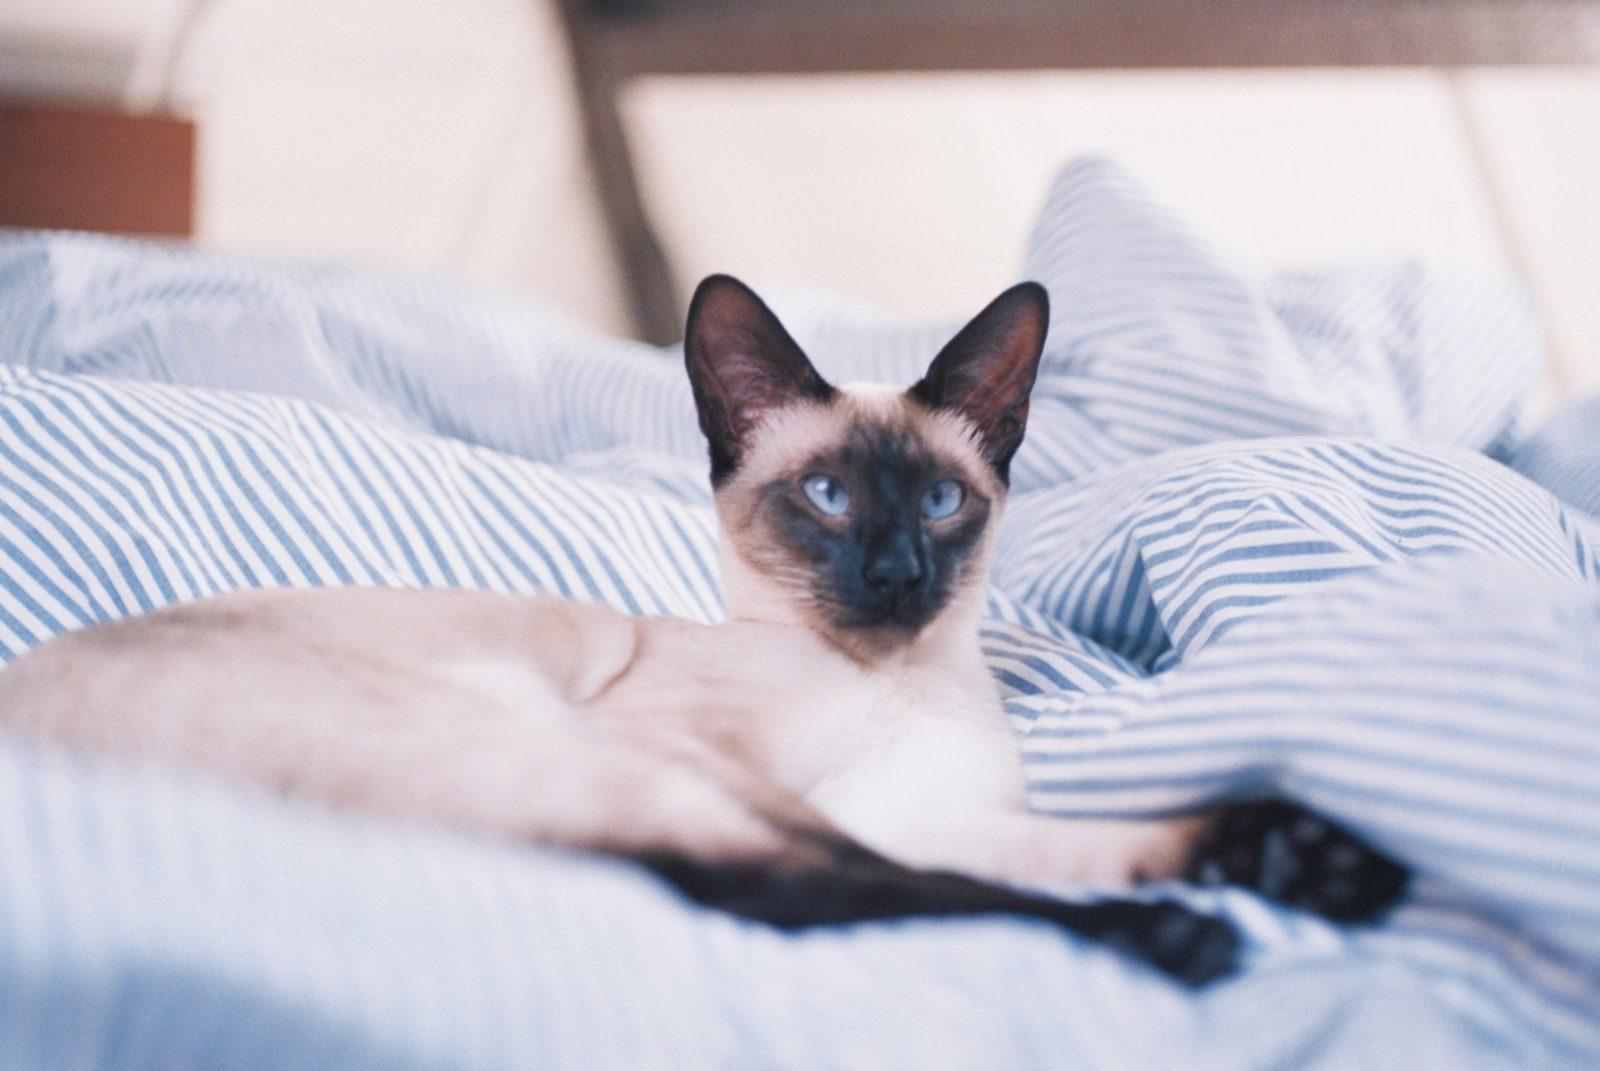 gato ocm coronavírus deitado na cama